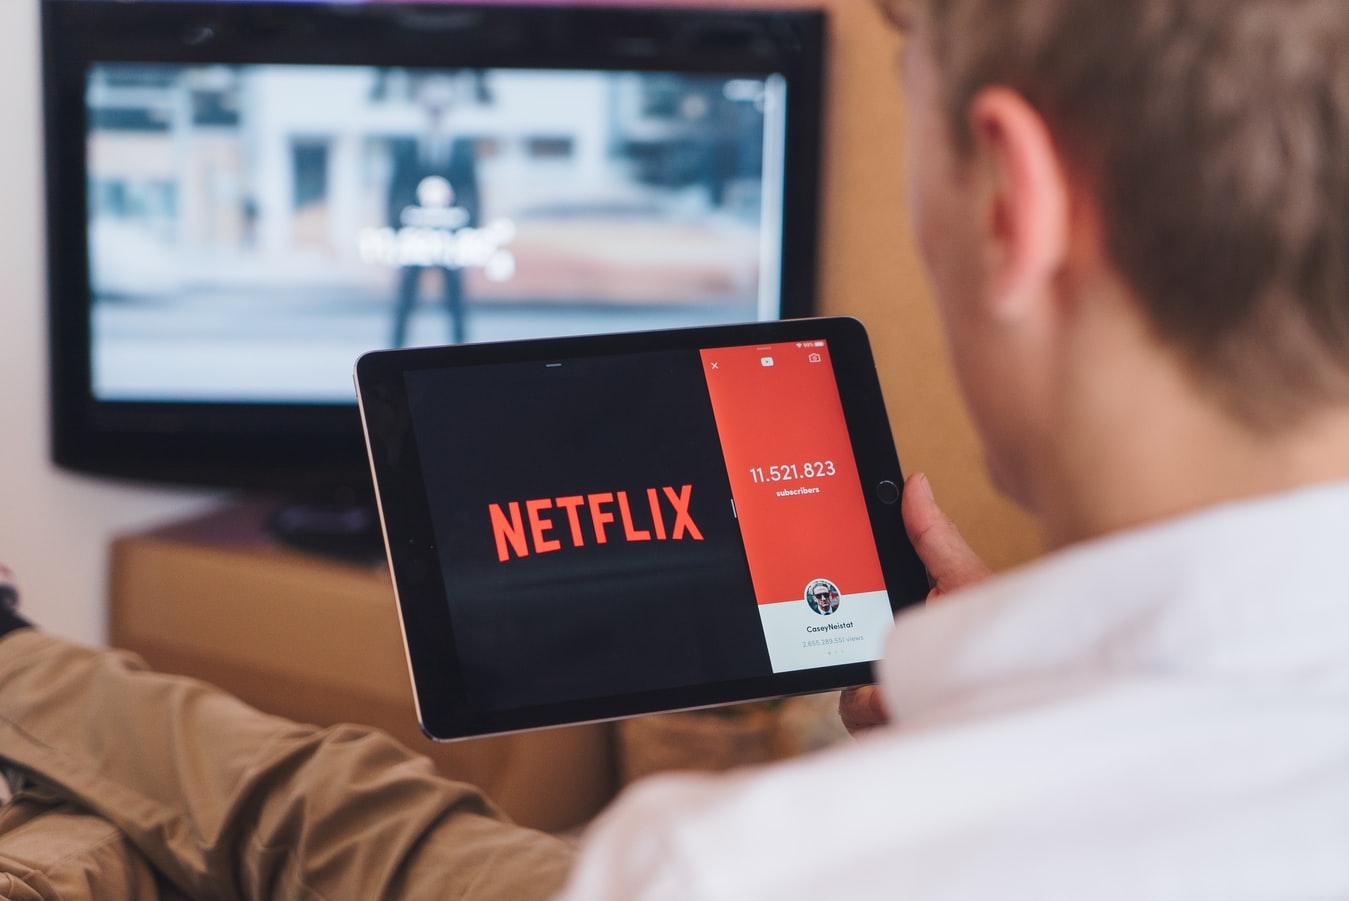 Netflixとテレビ「利用者から見た」決定的な差